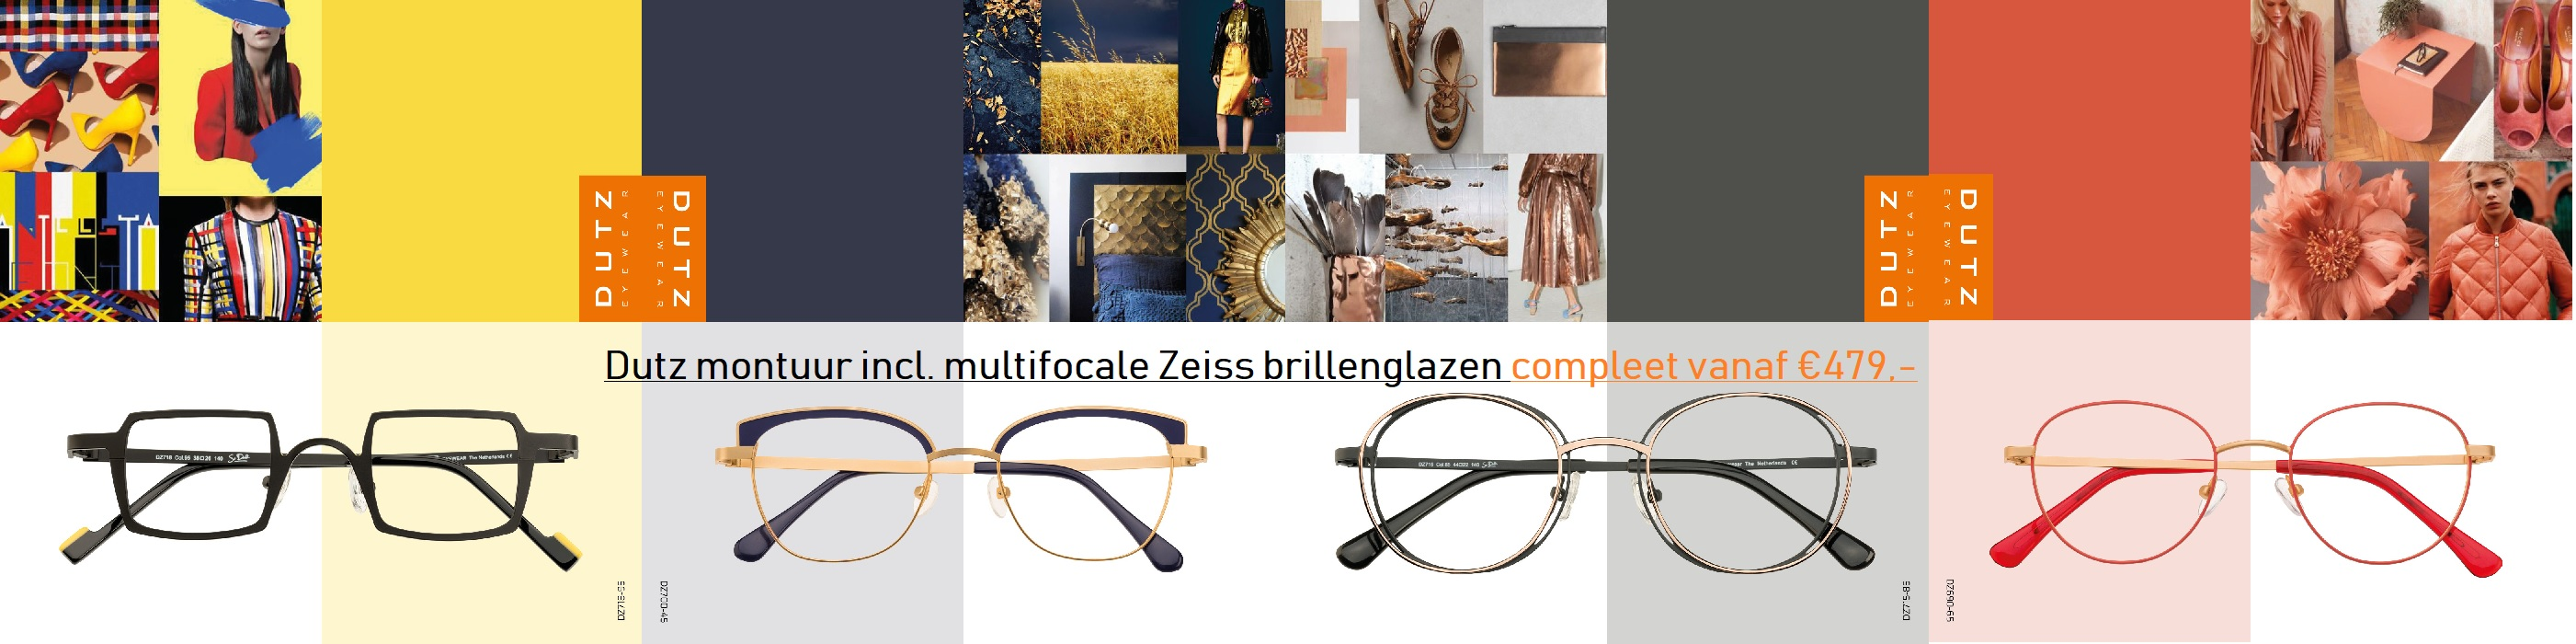 dutz2-slide